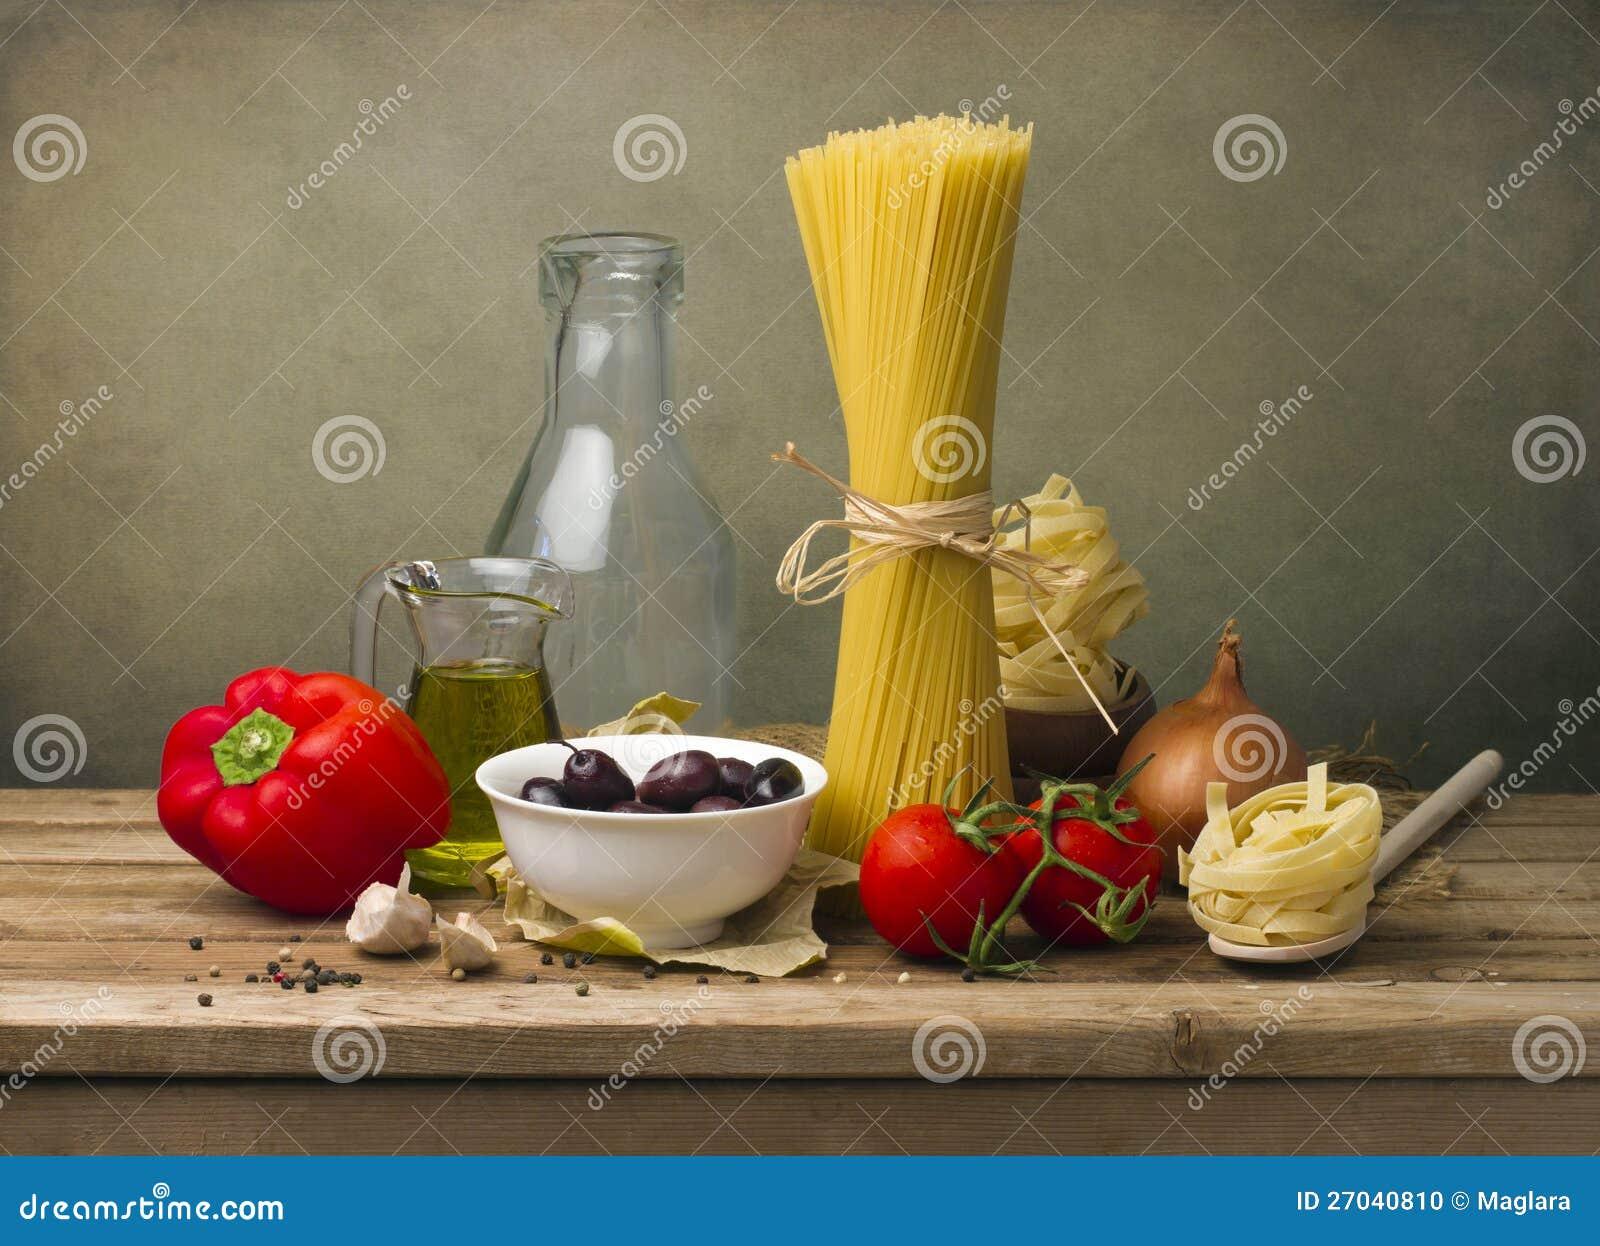 Ιταλικά τρόφιμα